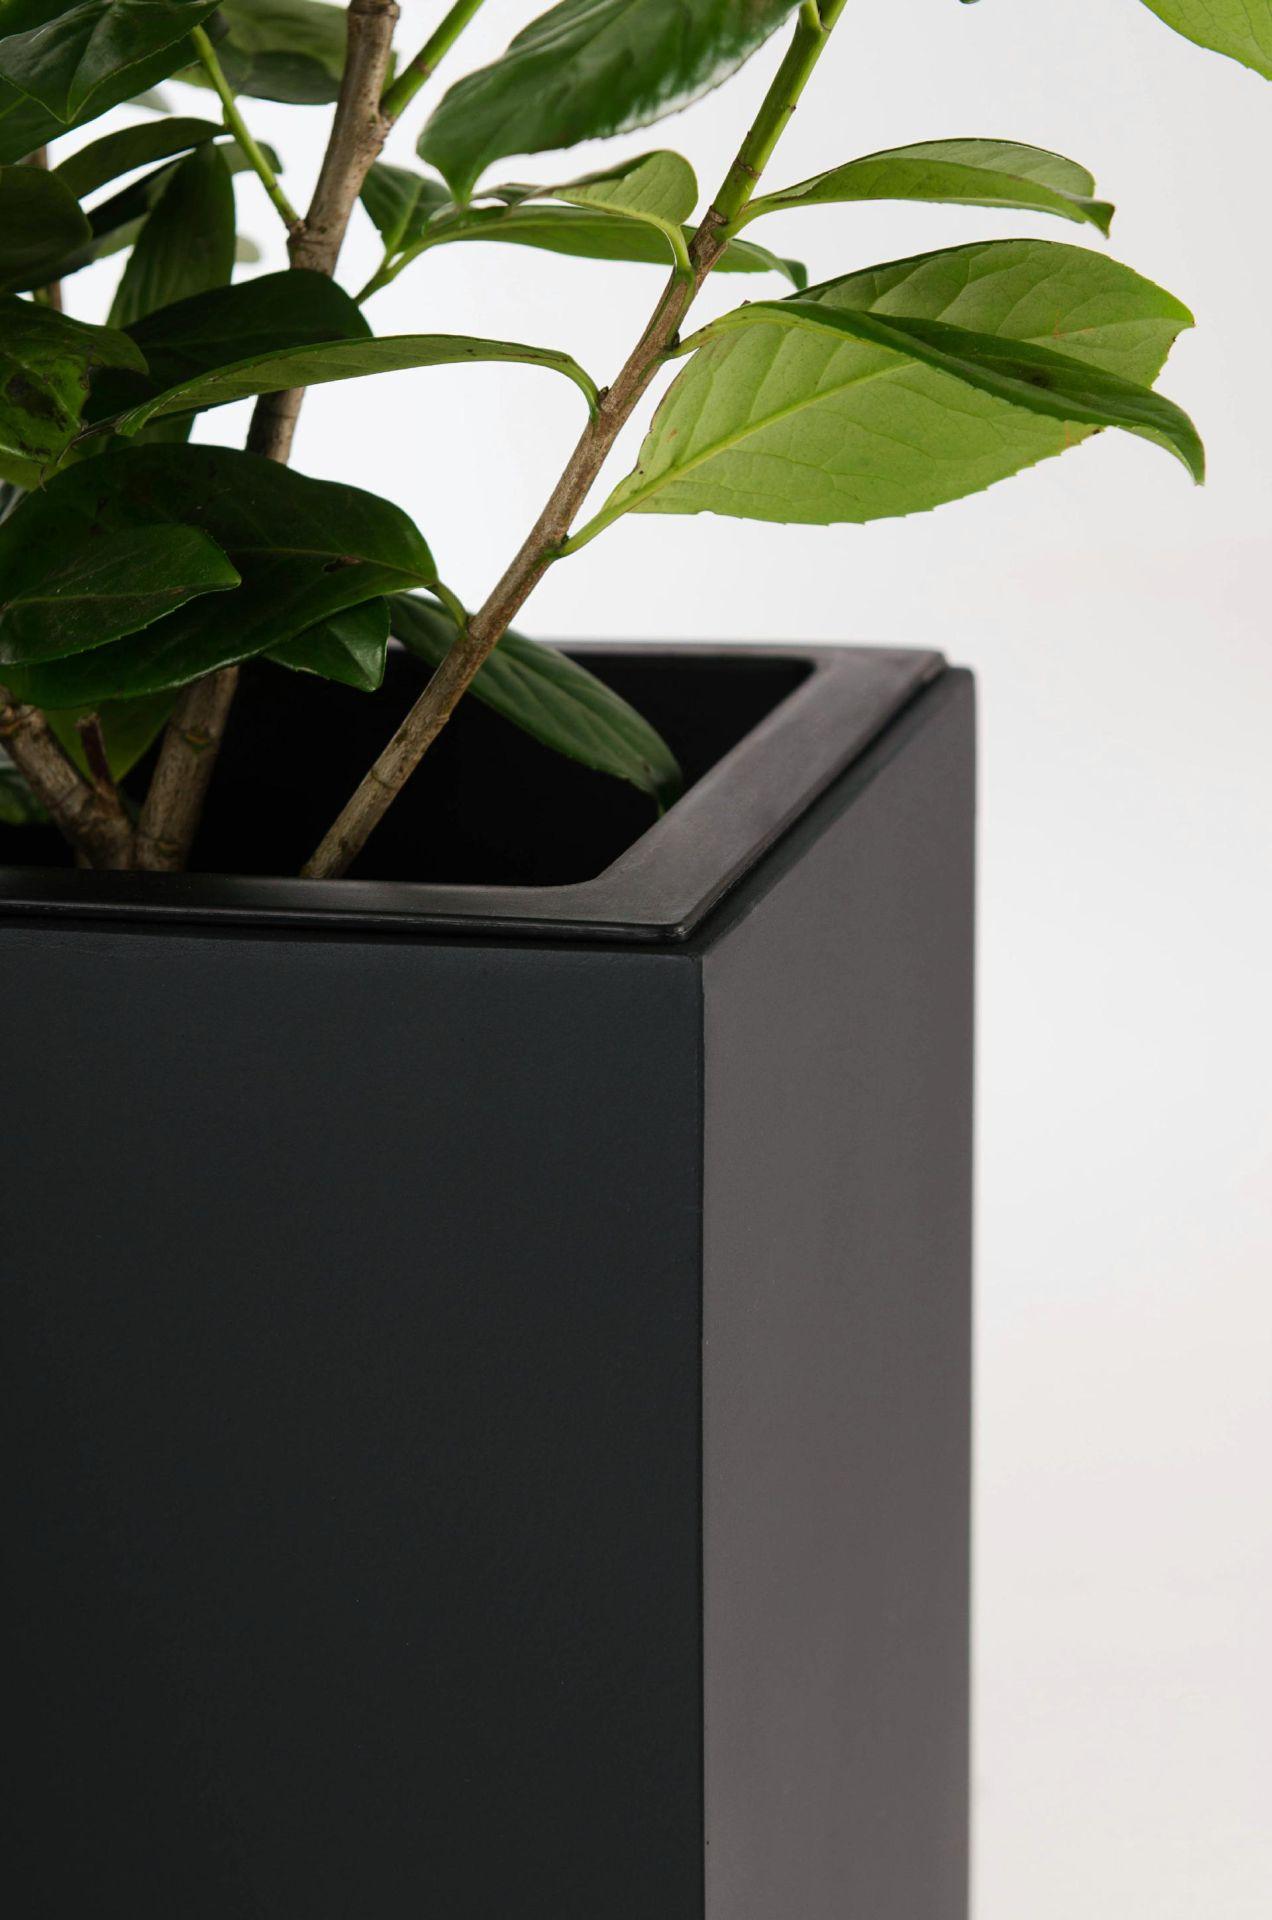 2er set pflanzk bel raumteiler fiberglas elemento 117 cm. Black Bedroom Furniture Sets. Home Design Ideas